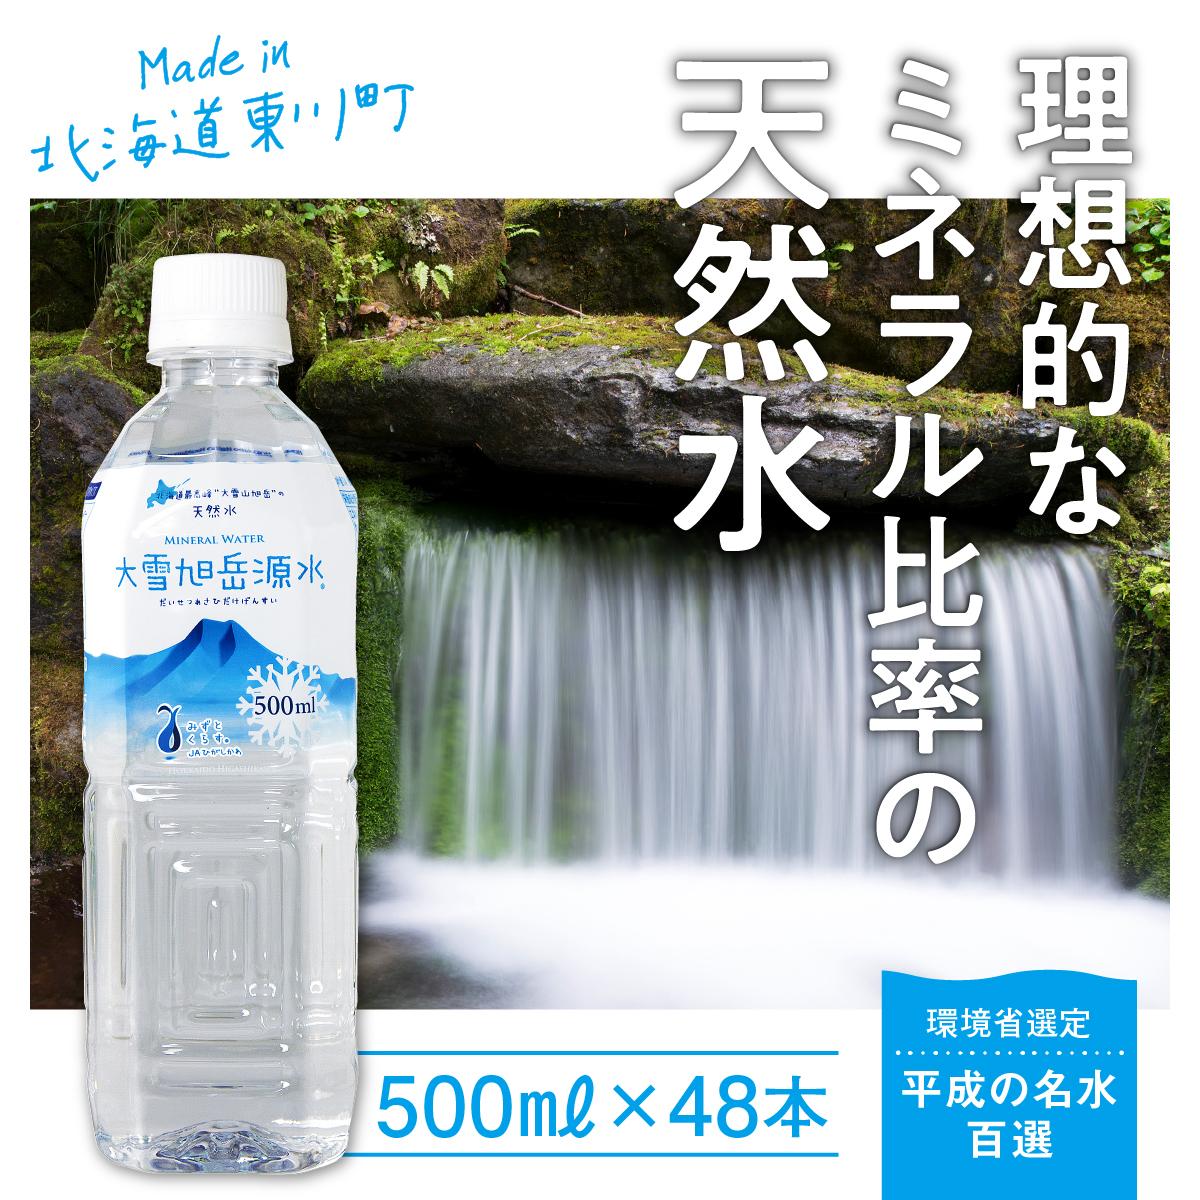 水と暮らすまちから大雪の天然水「大雪旭岳源水」500mL×48本【10001019】